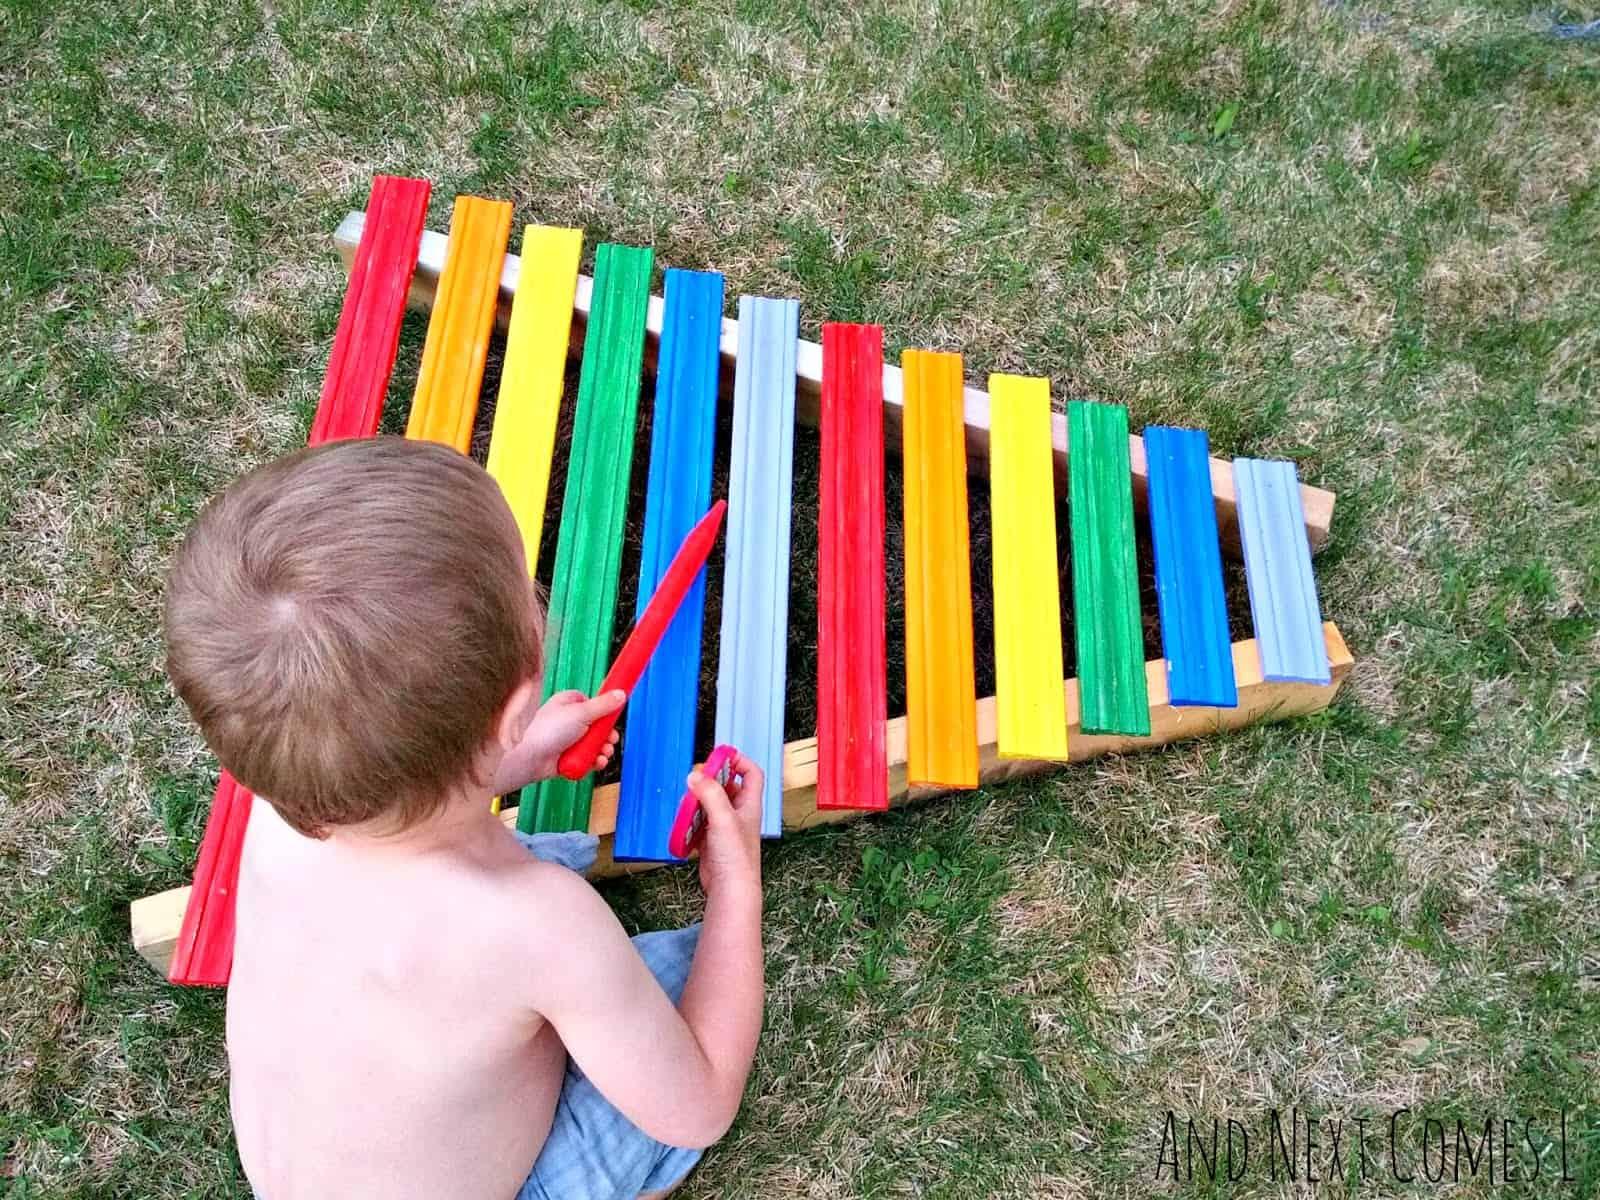 Giant rainbow xylophone